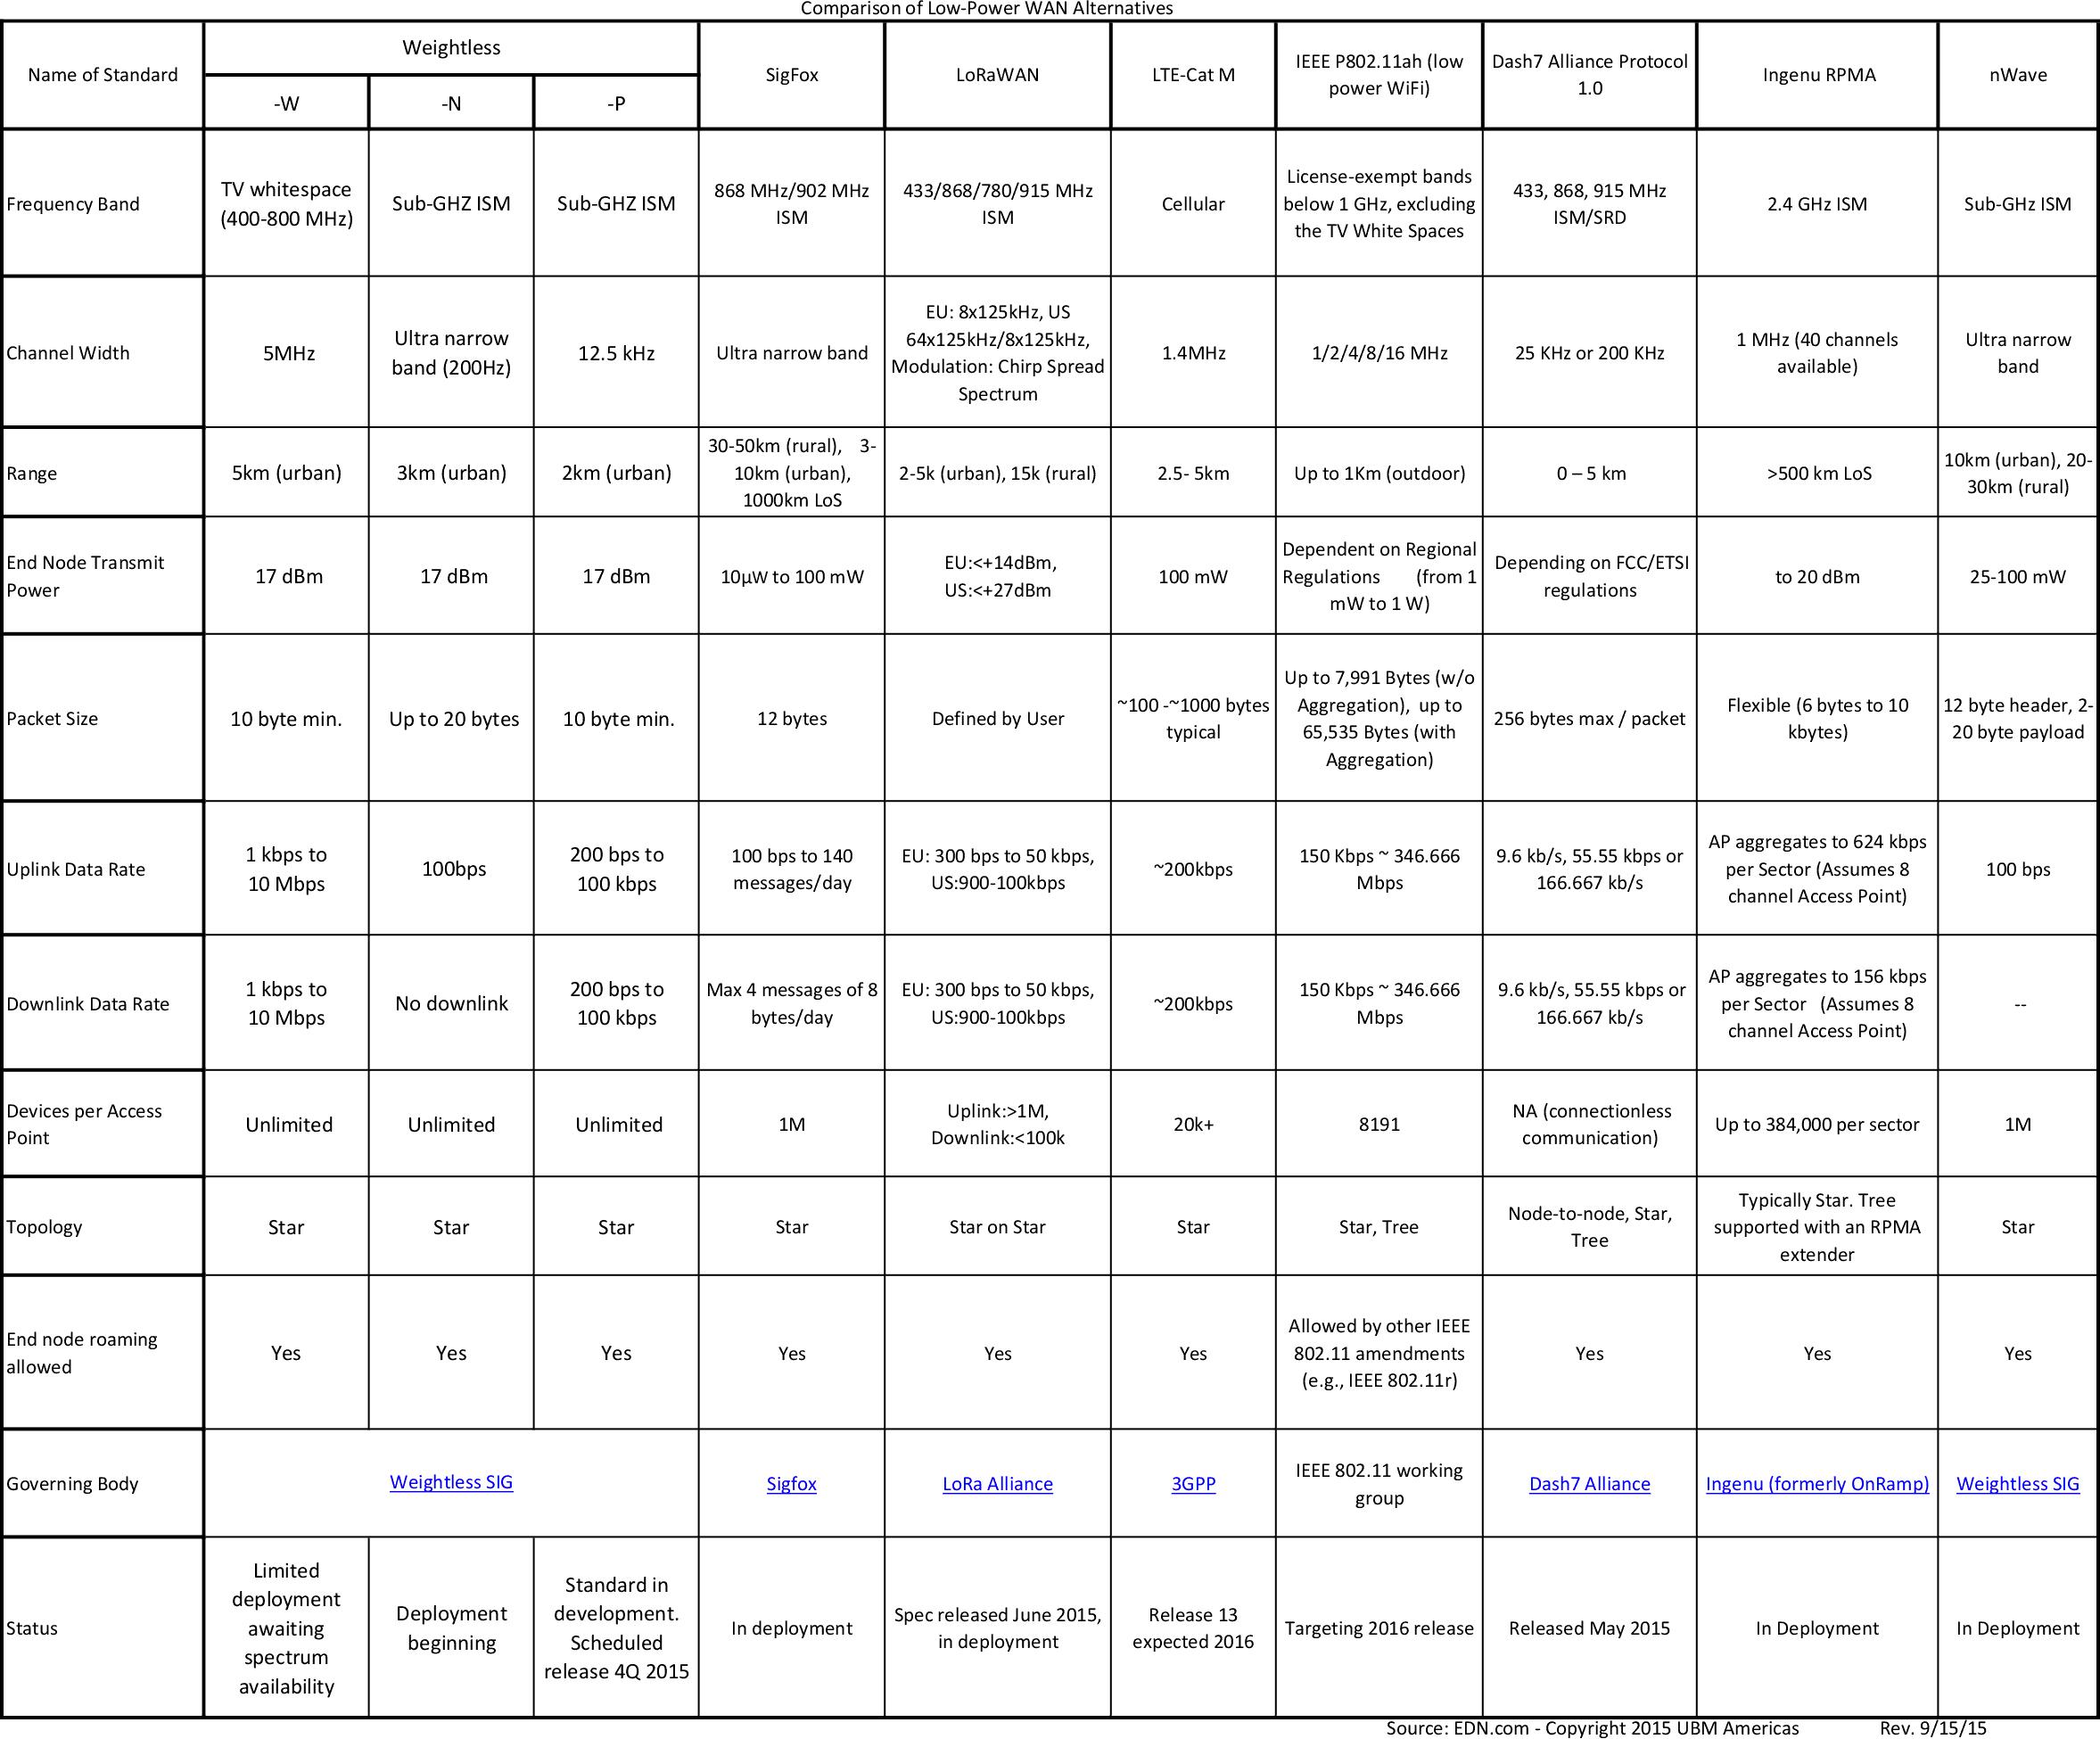 lpwan_comparison_table